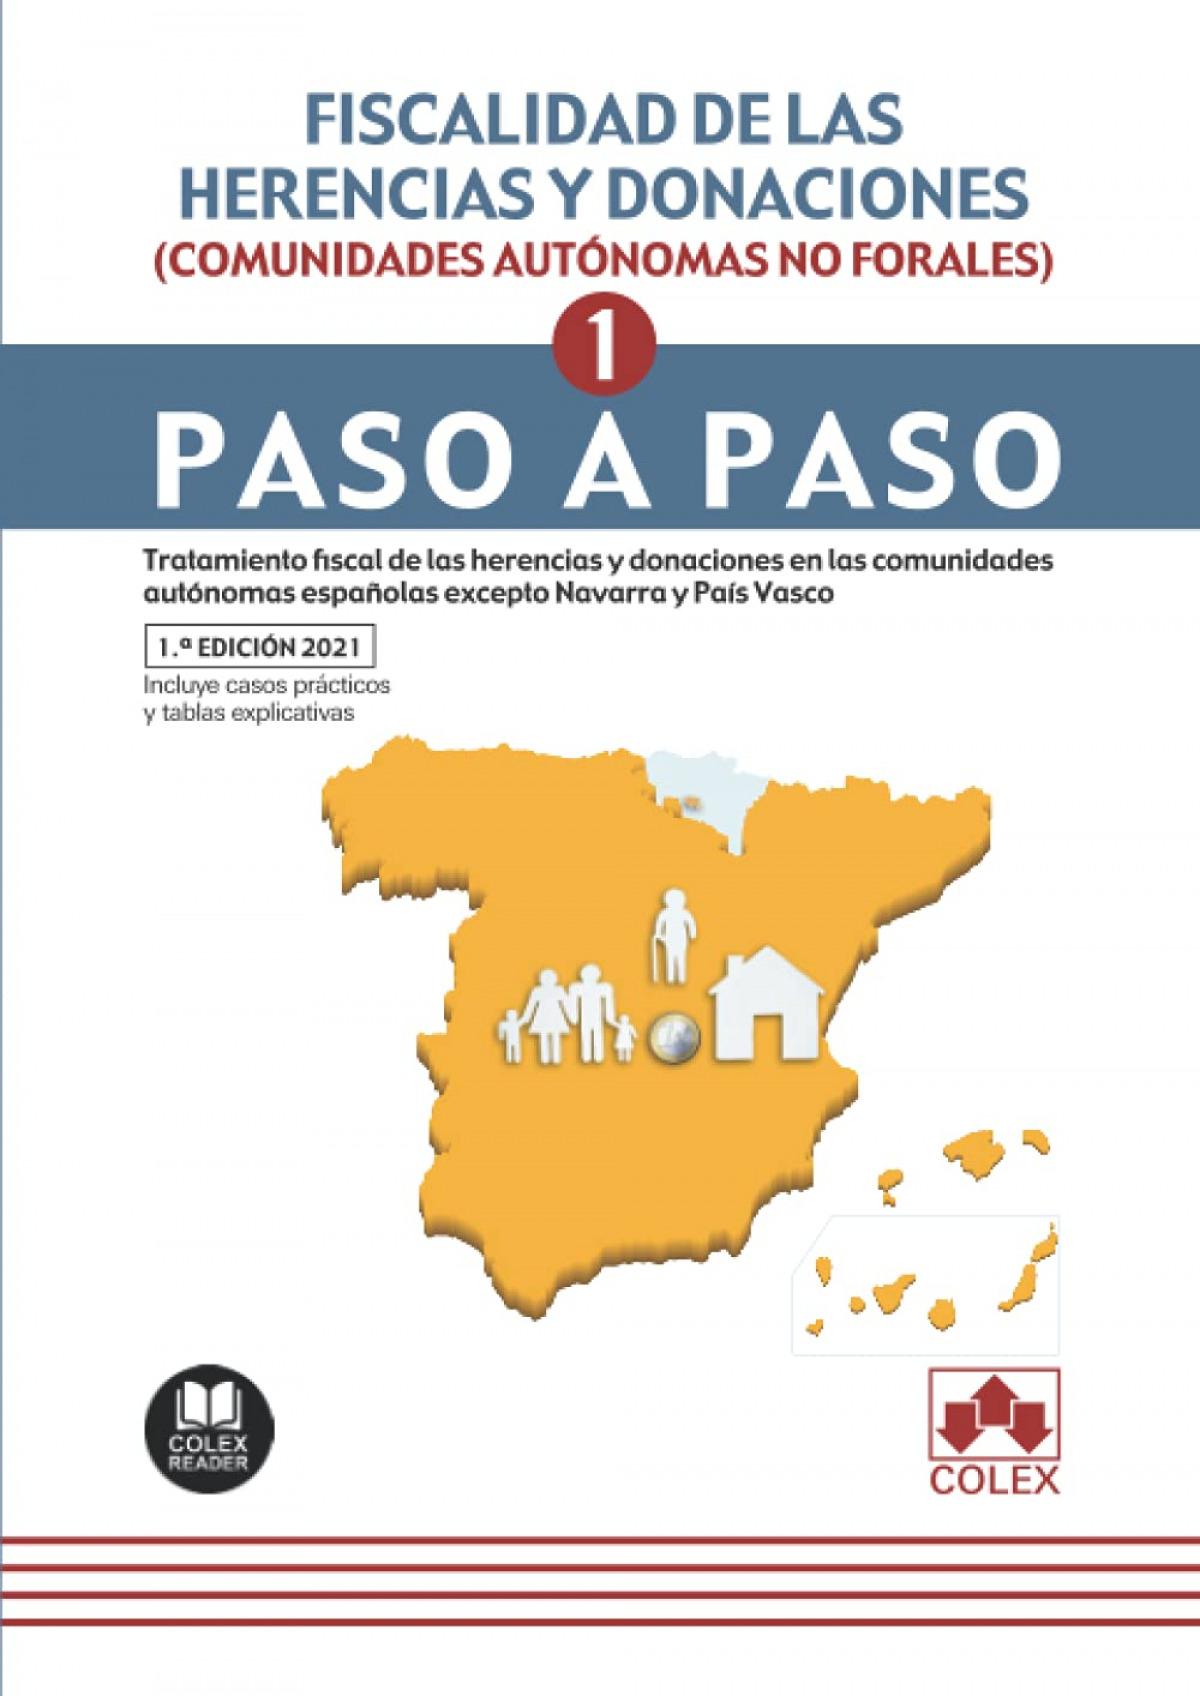 FISCALIDAD DE LAS HERENCIAS Y DONACIONES (COMUNIDADES AUTONOMAS NO FORALES).